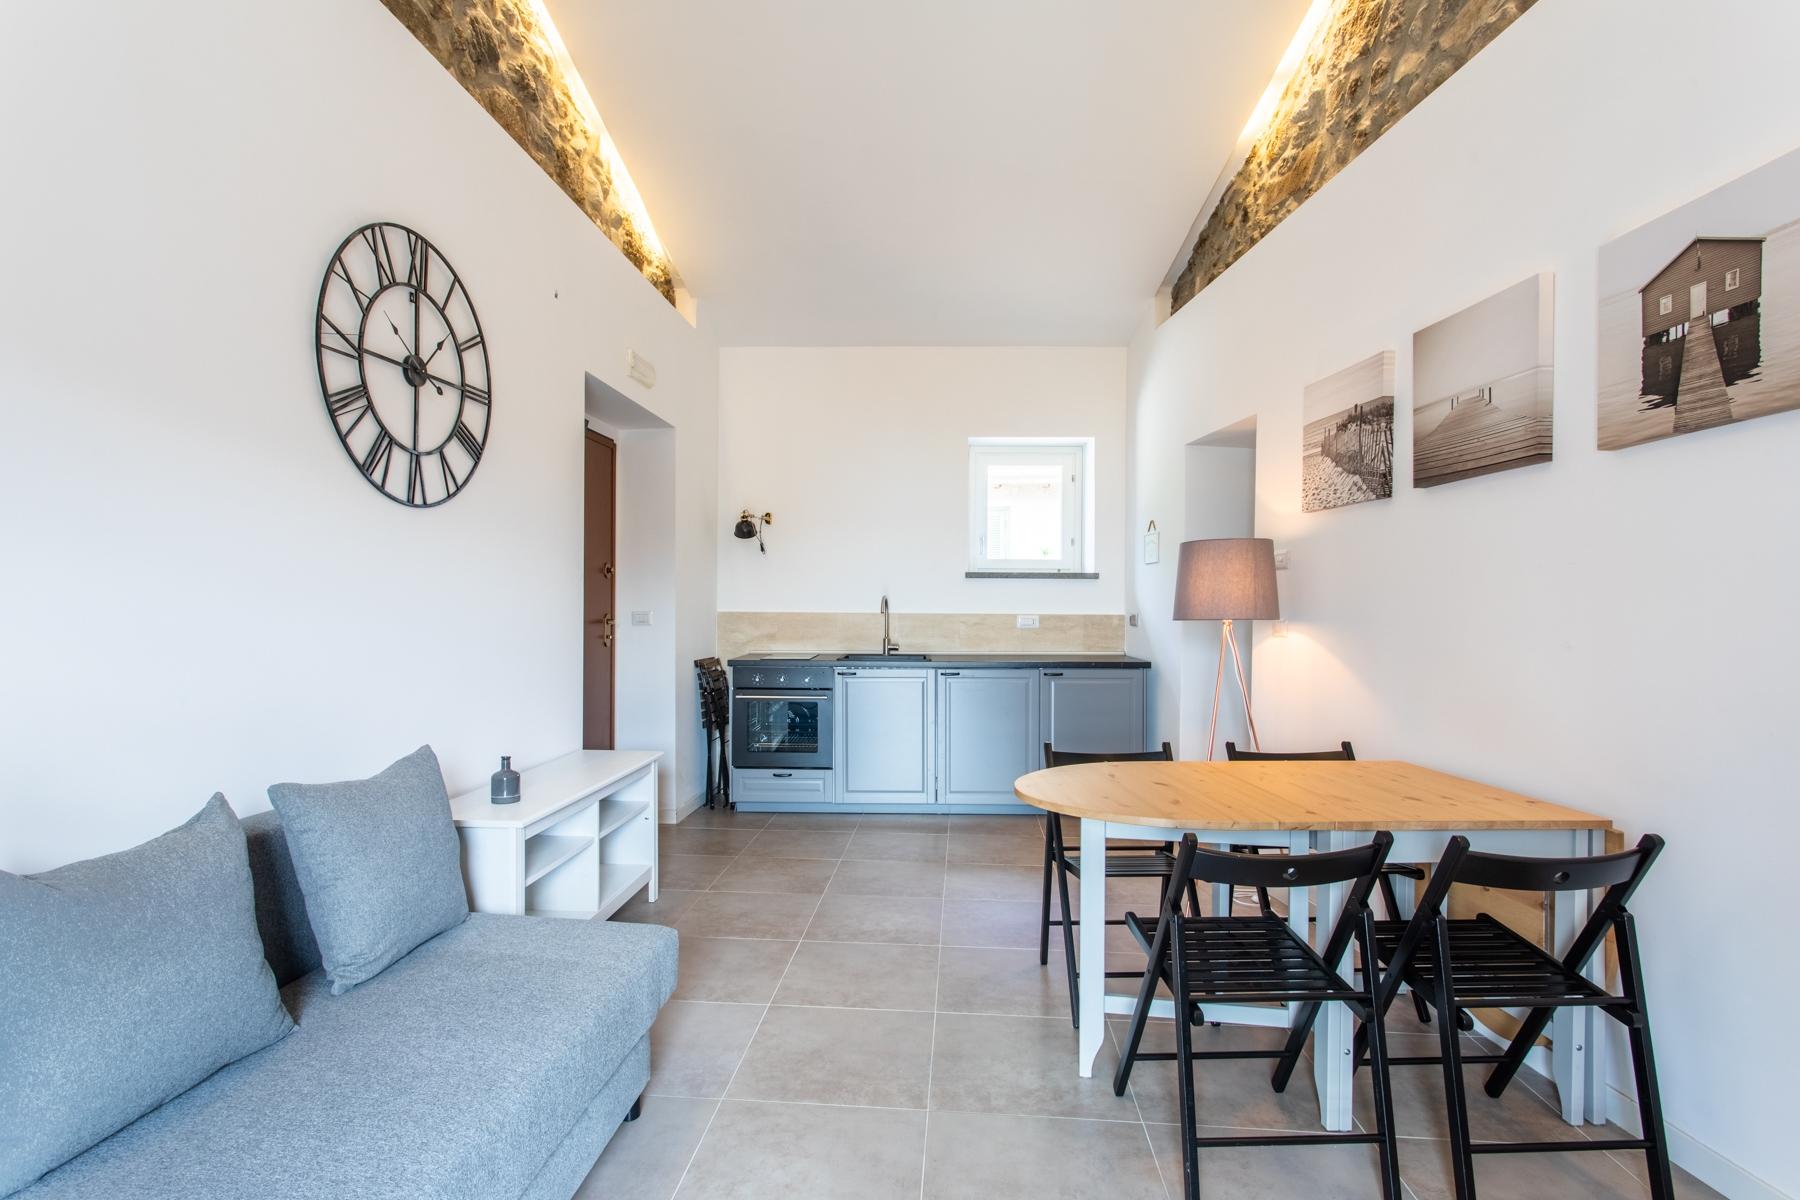 Casa indipendente in Vendita a Trevignano Romano: 5 locali, 163 mq - Foto 3